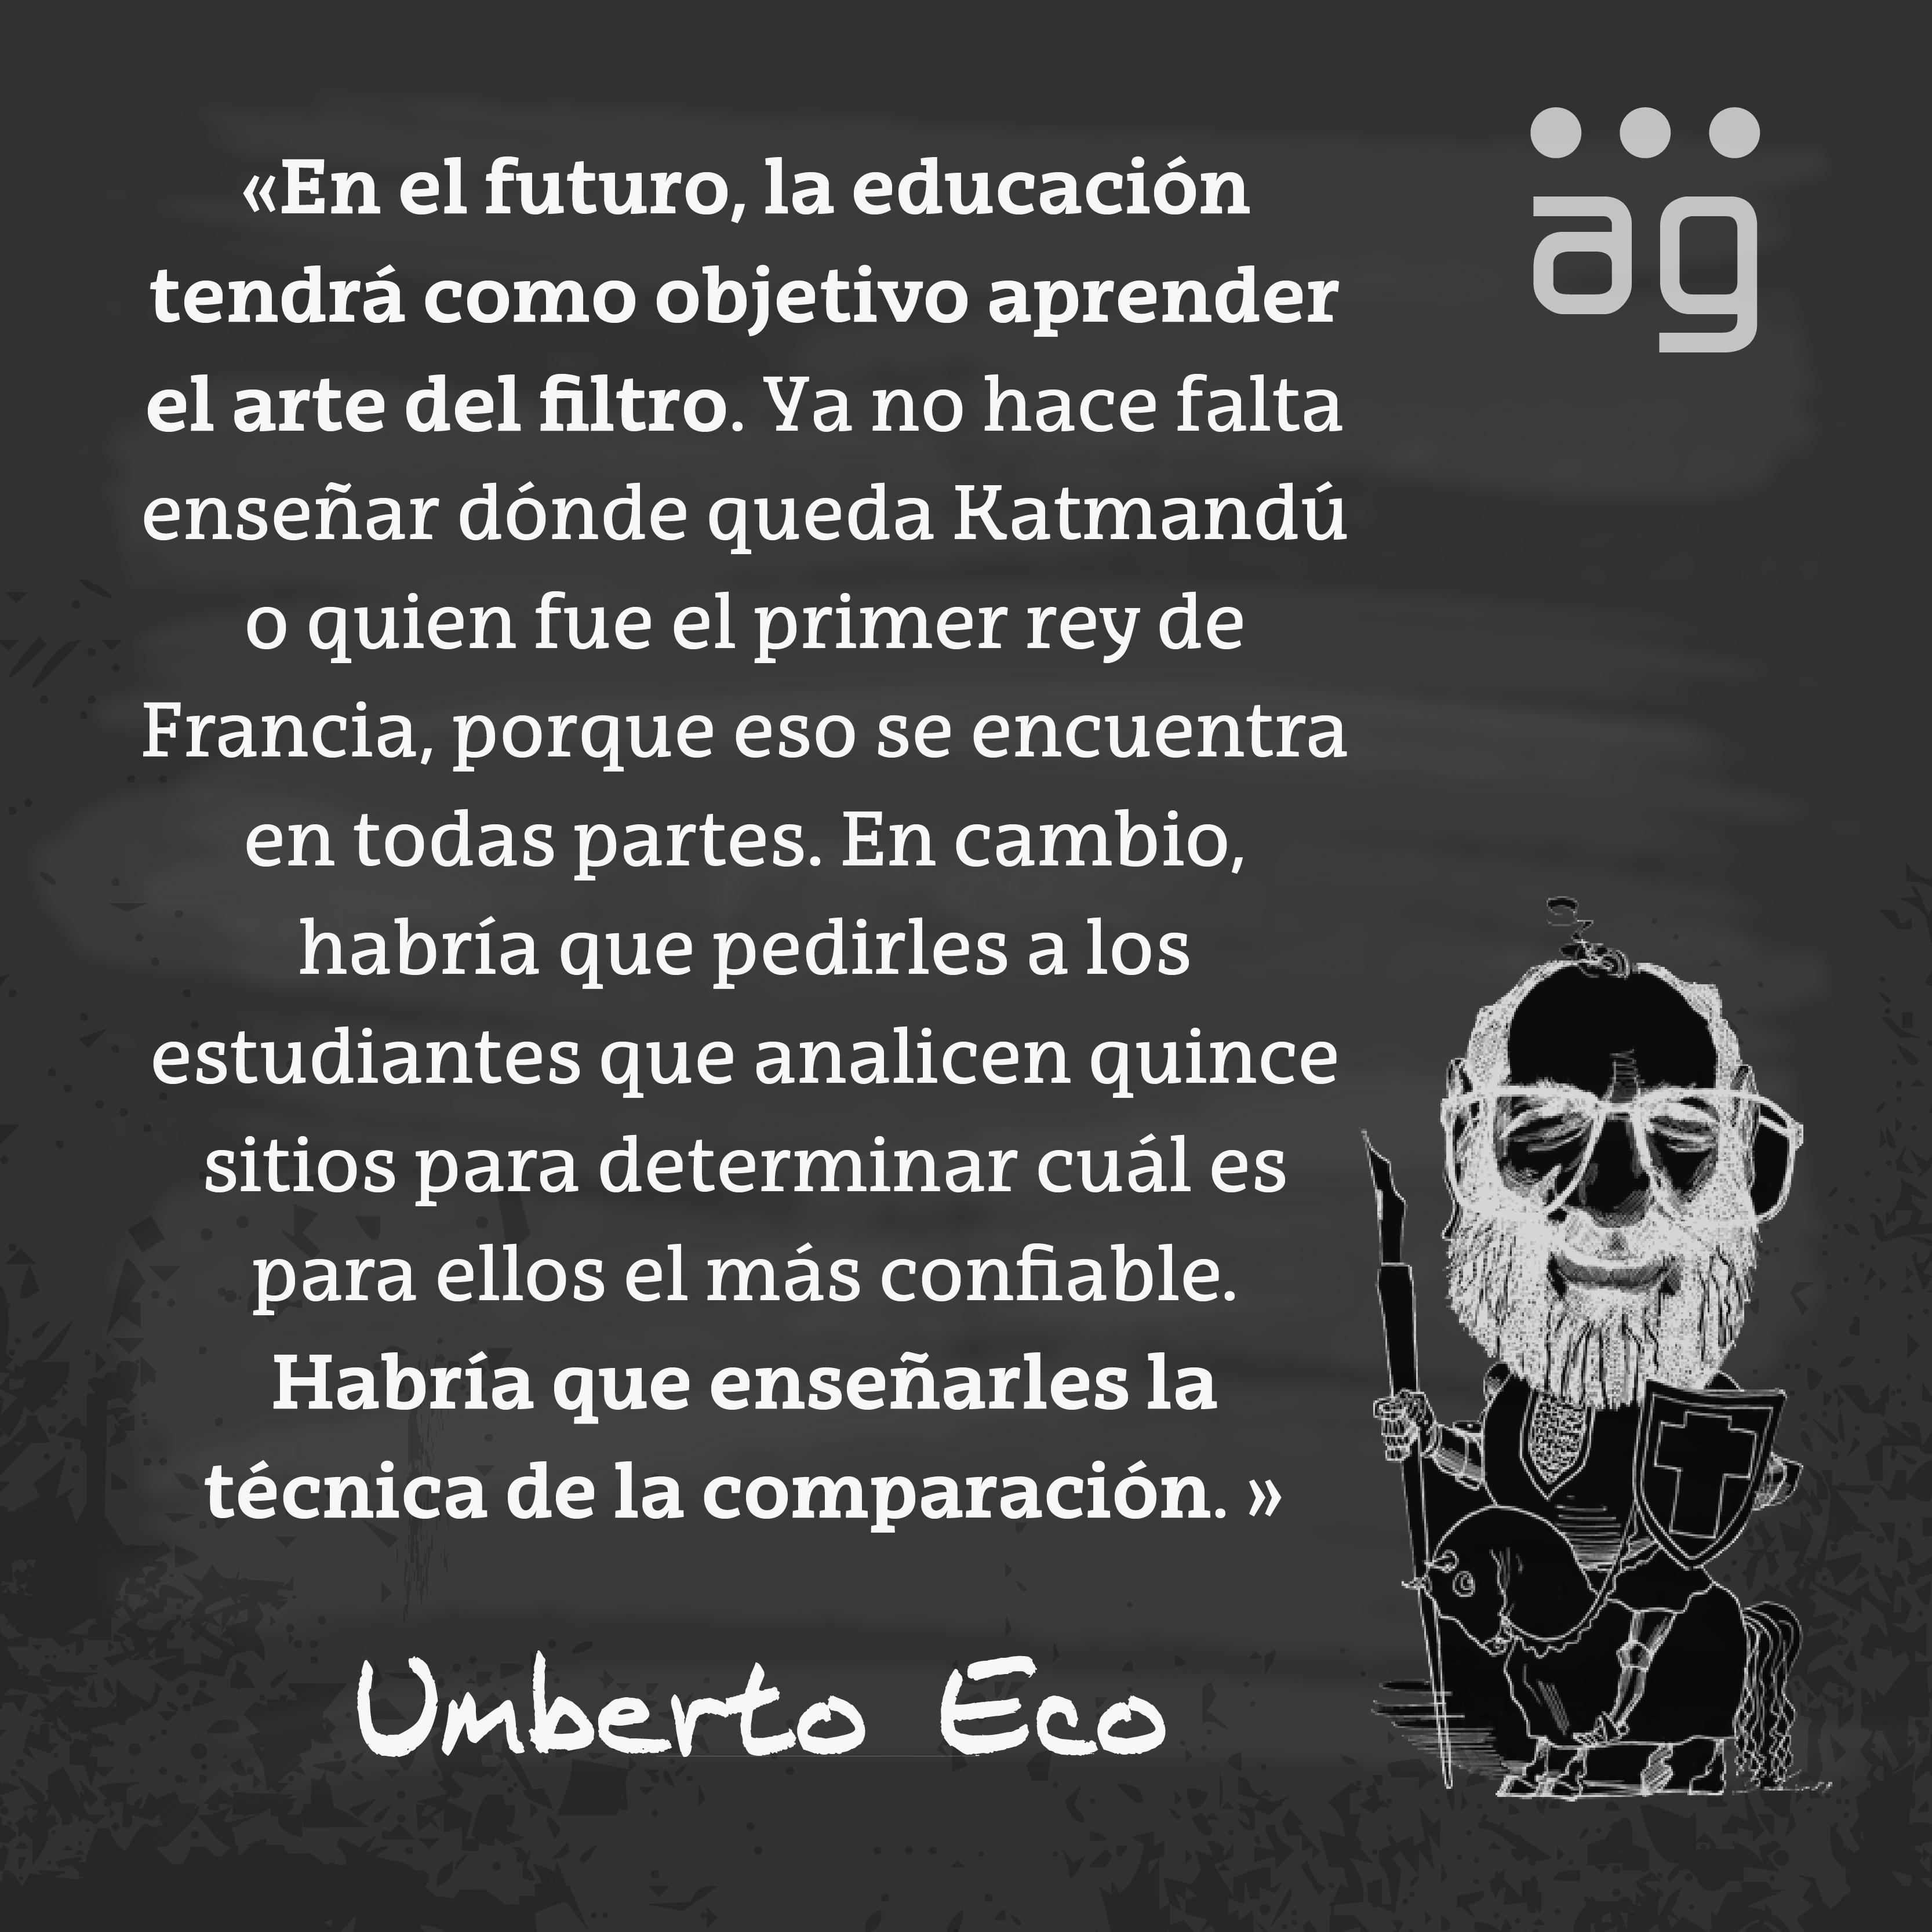 Umberto Eco sobre la educacion by alaznegonzalez